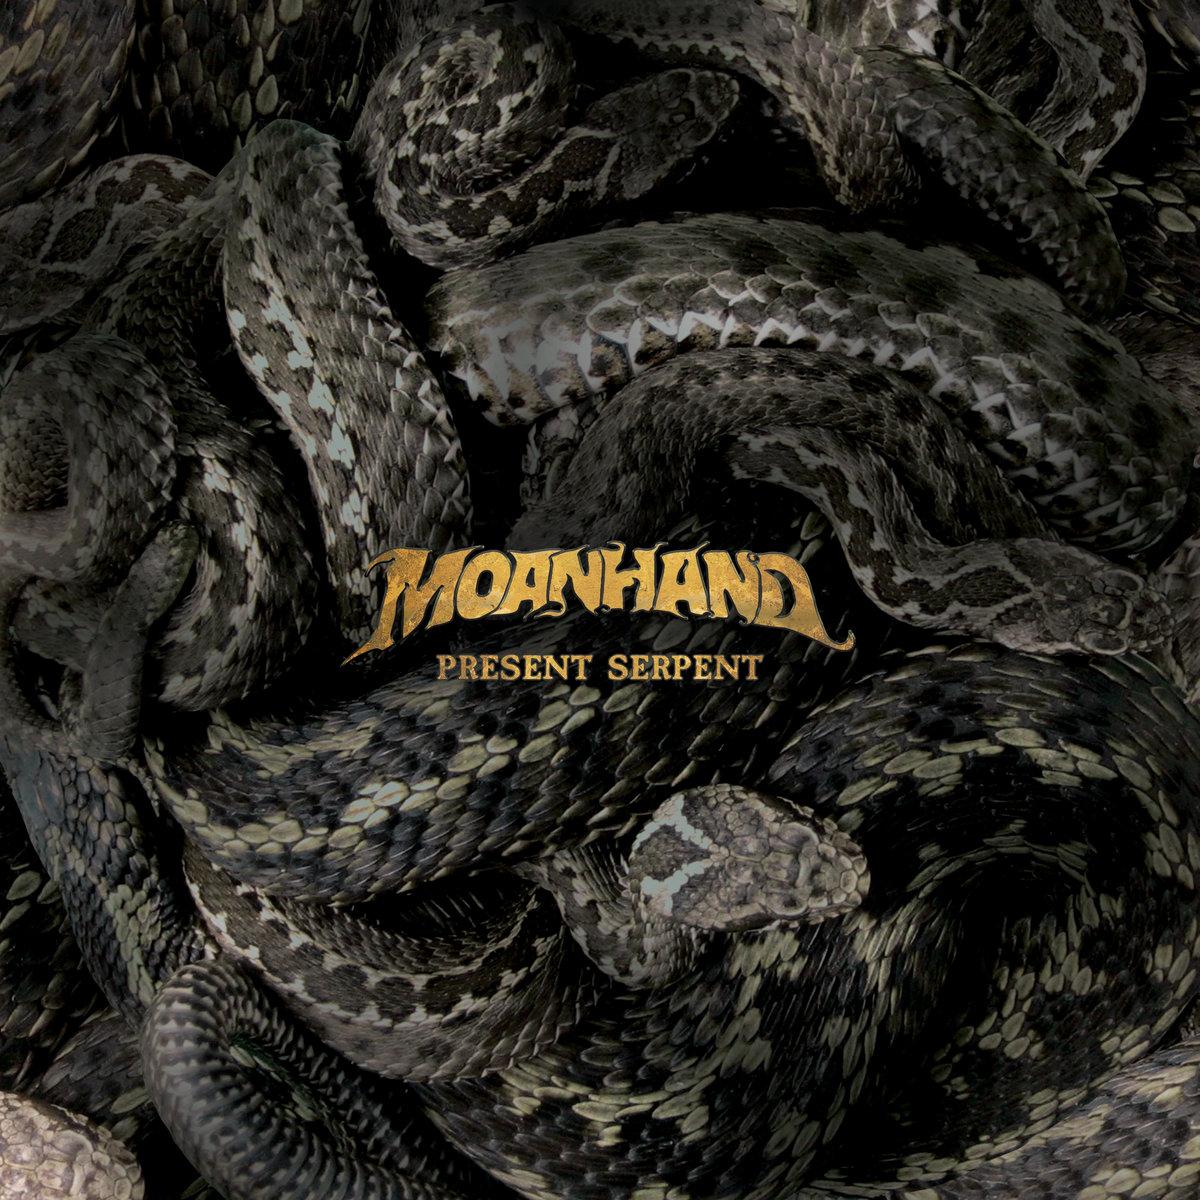 moanhand present serpent